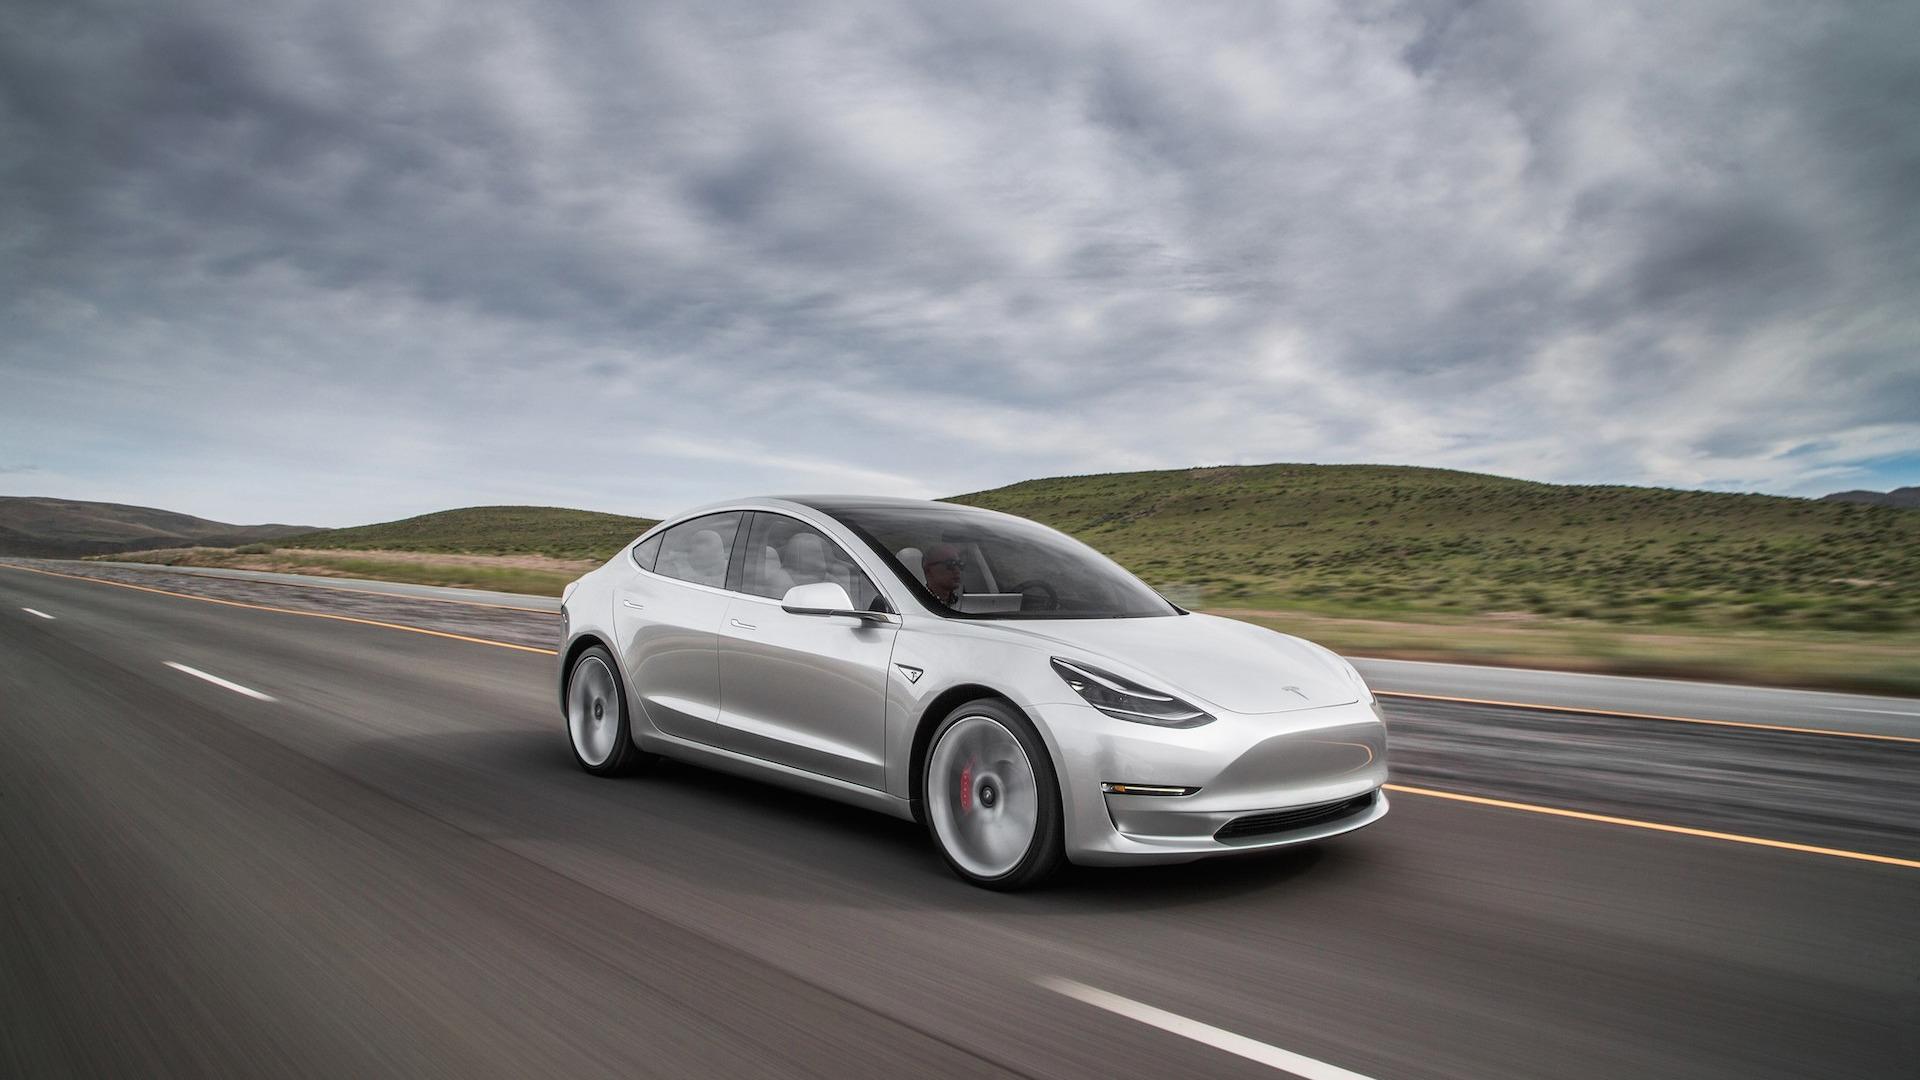 Les Tesla Model 3 chinoises seraient sur le point d'arriver en Europe